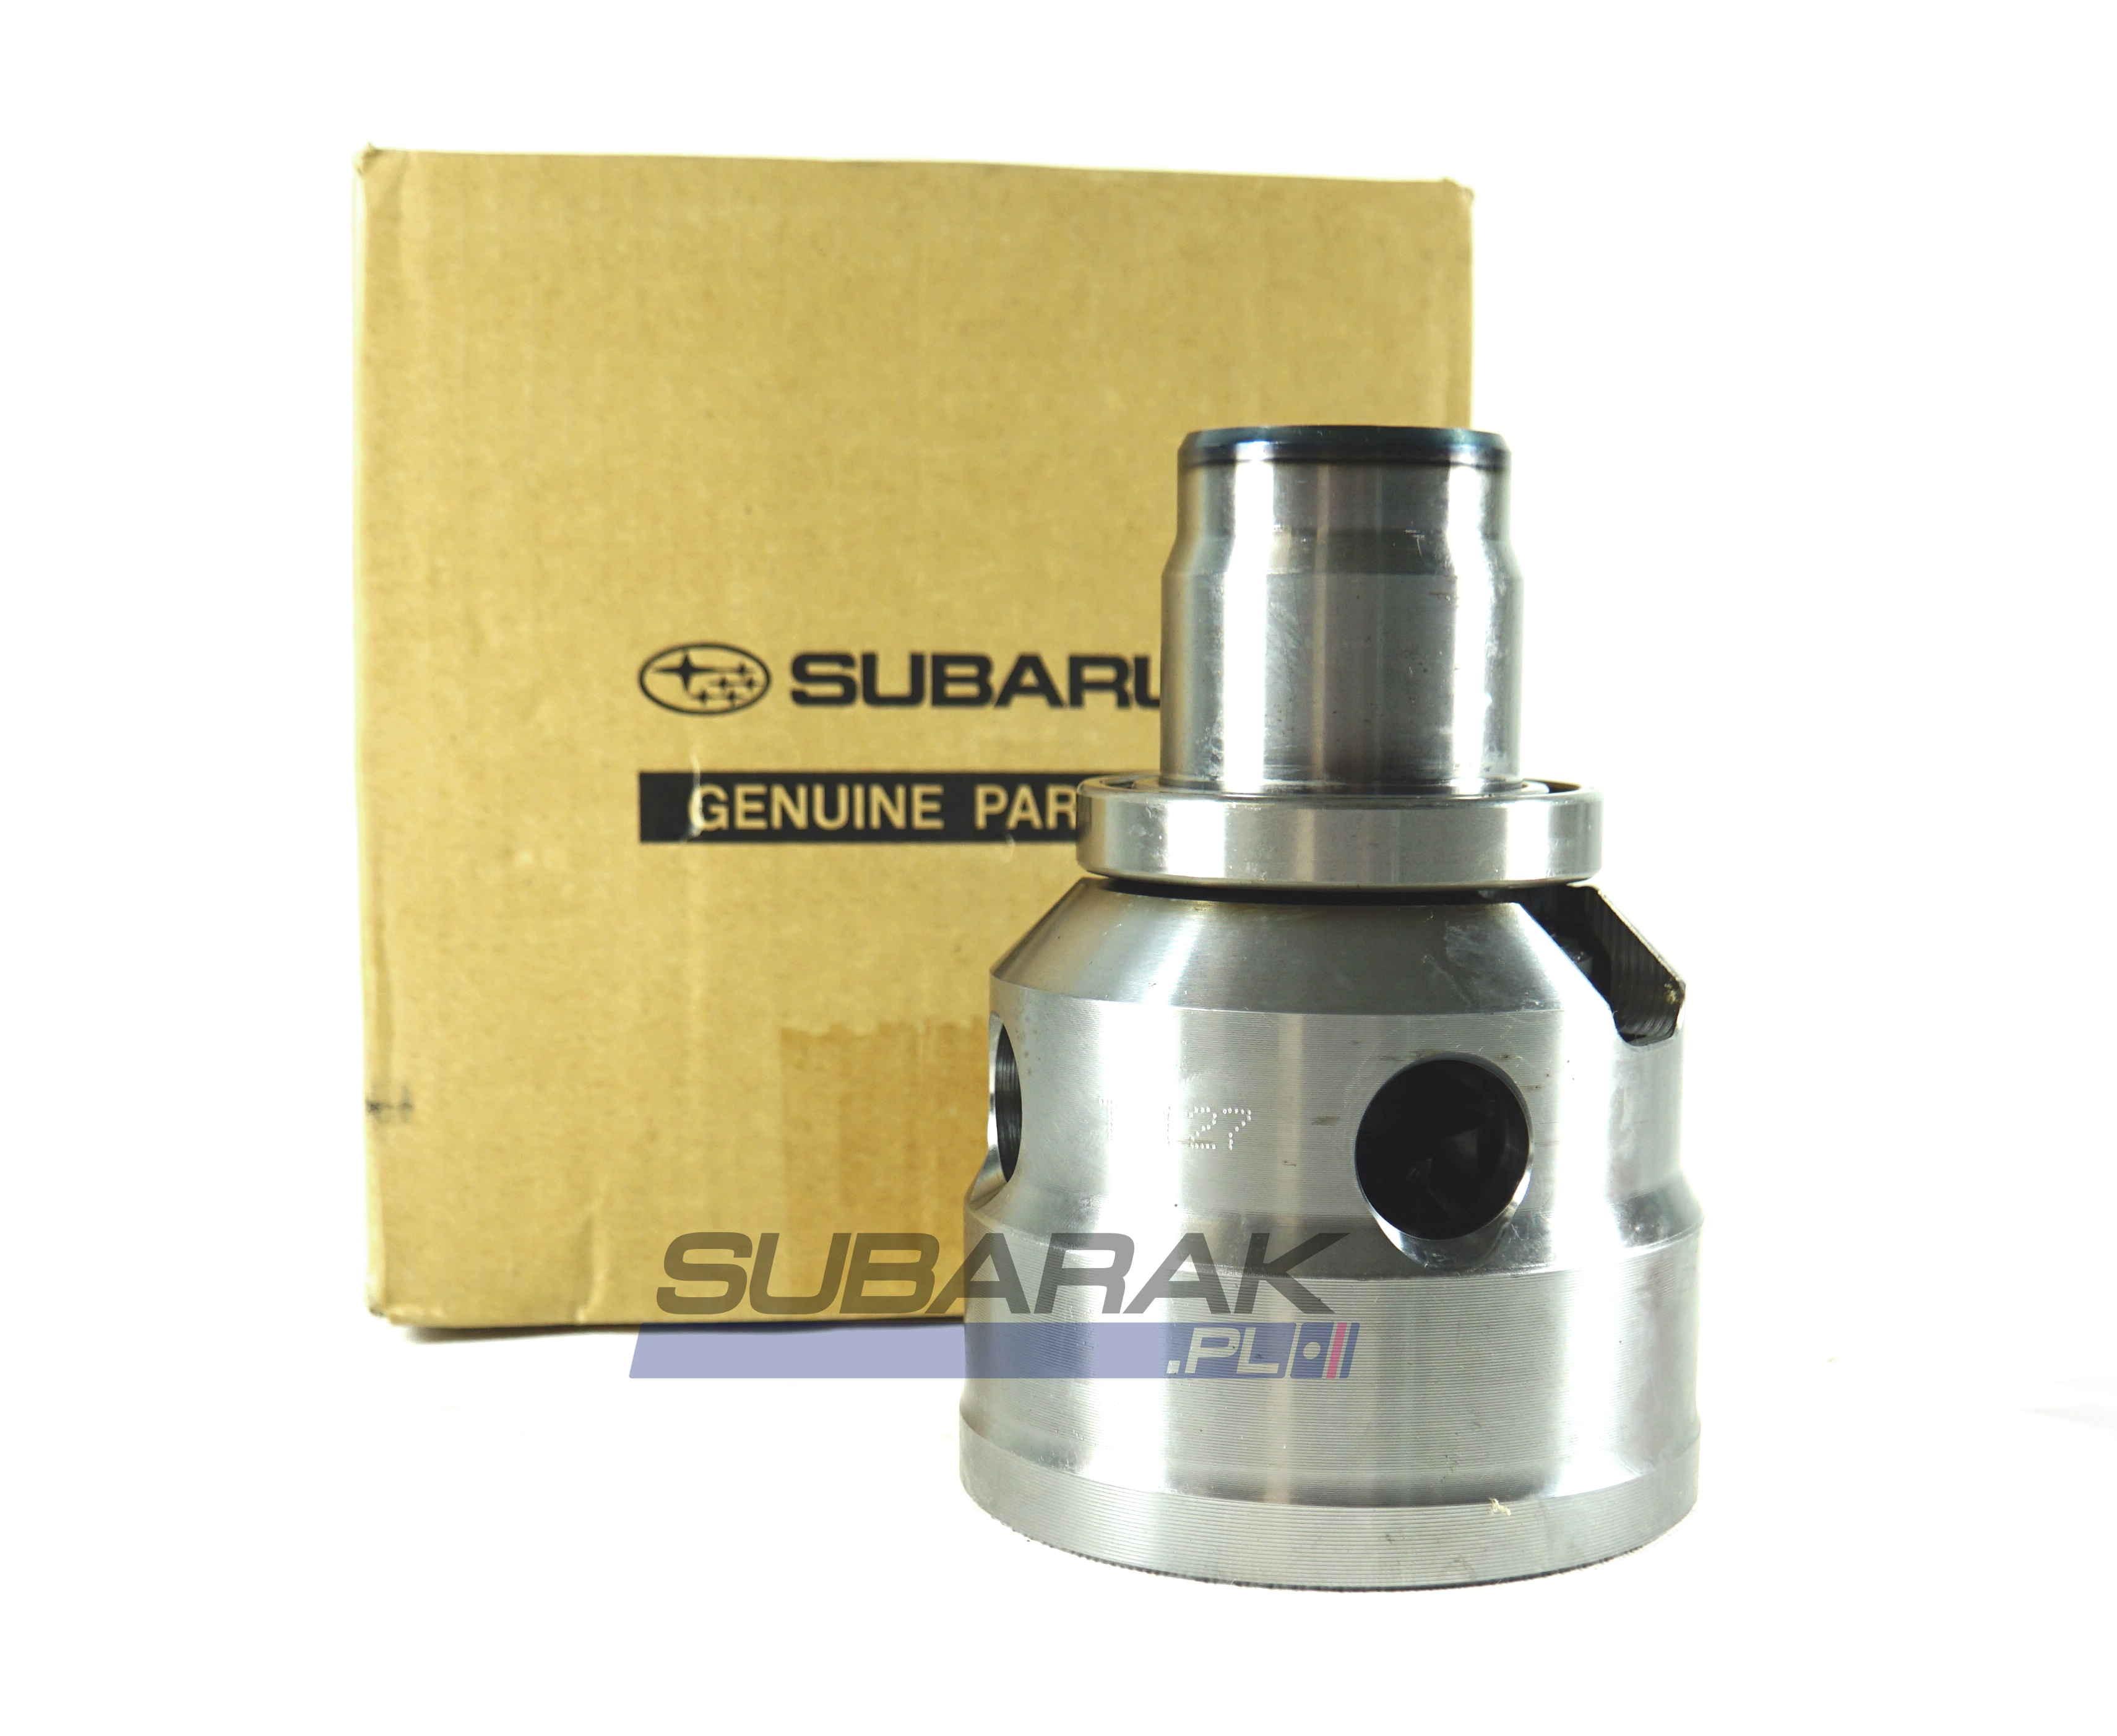 Genuine Diesel Oil Filter Fits Subaru Impreza Forester Legacy XV EE20Z